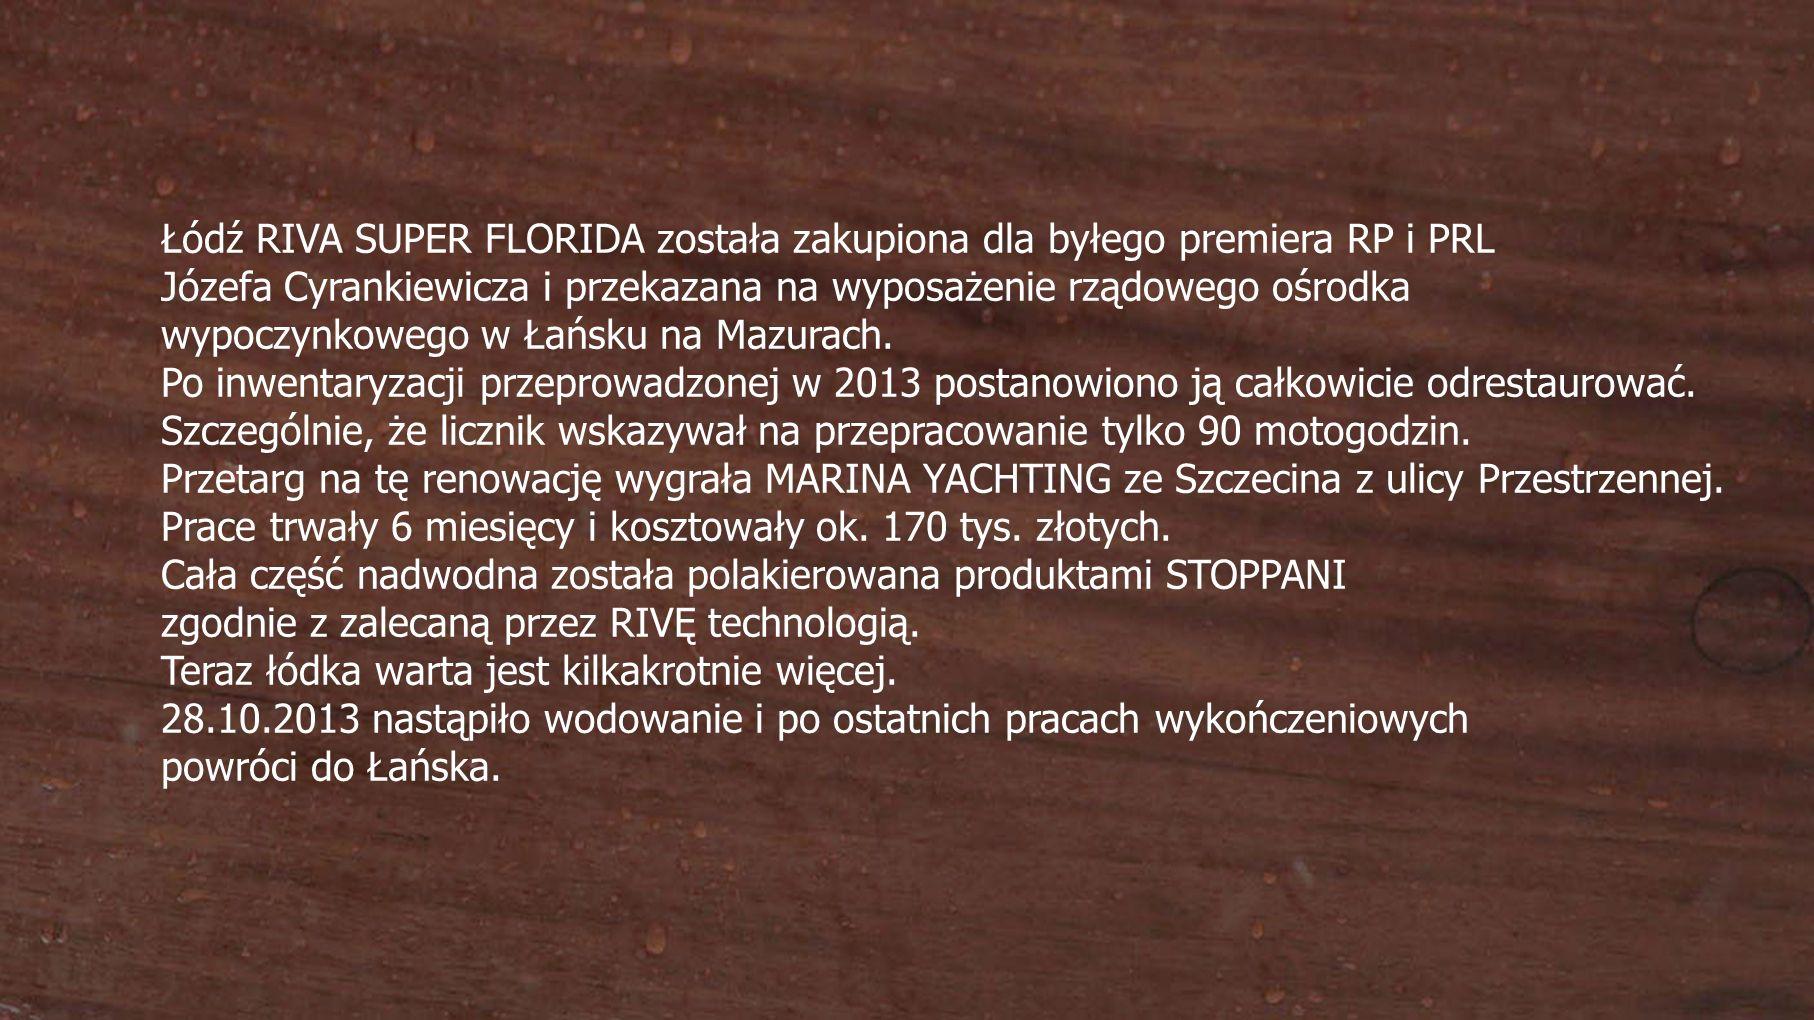 Łódź RIVA SUPER FLORIDA została zakupiona dla byłego premiera RP i PRL Józefa Cyrankiewicza i przekazana na wyposażenie rządowego ośrodka wypoczynkowego w Łańsku na Mazurach.